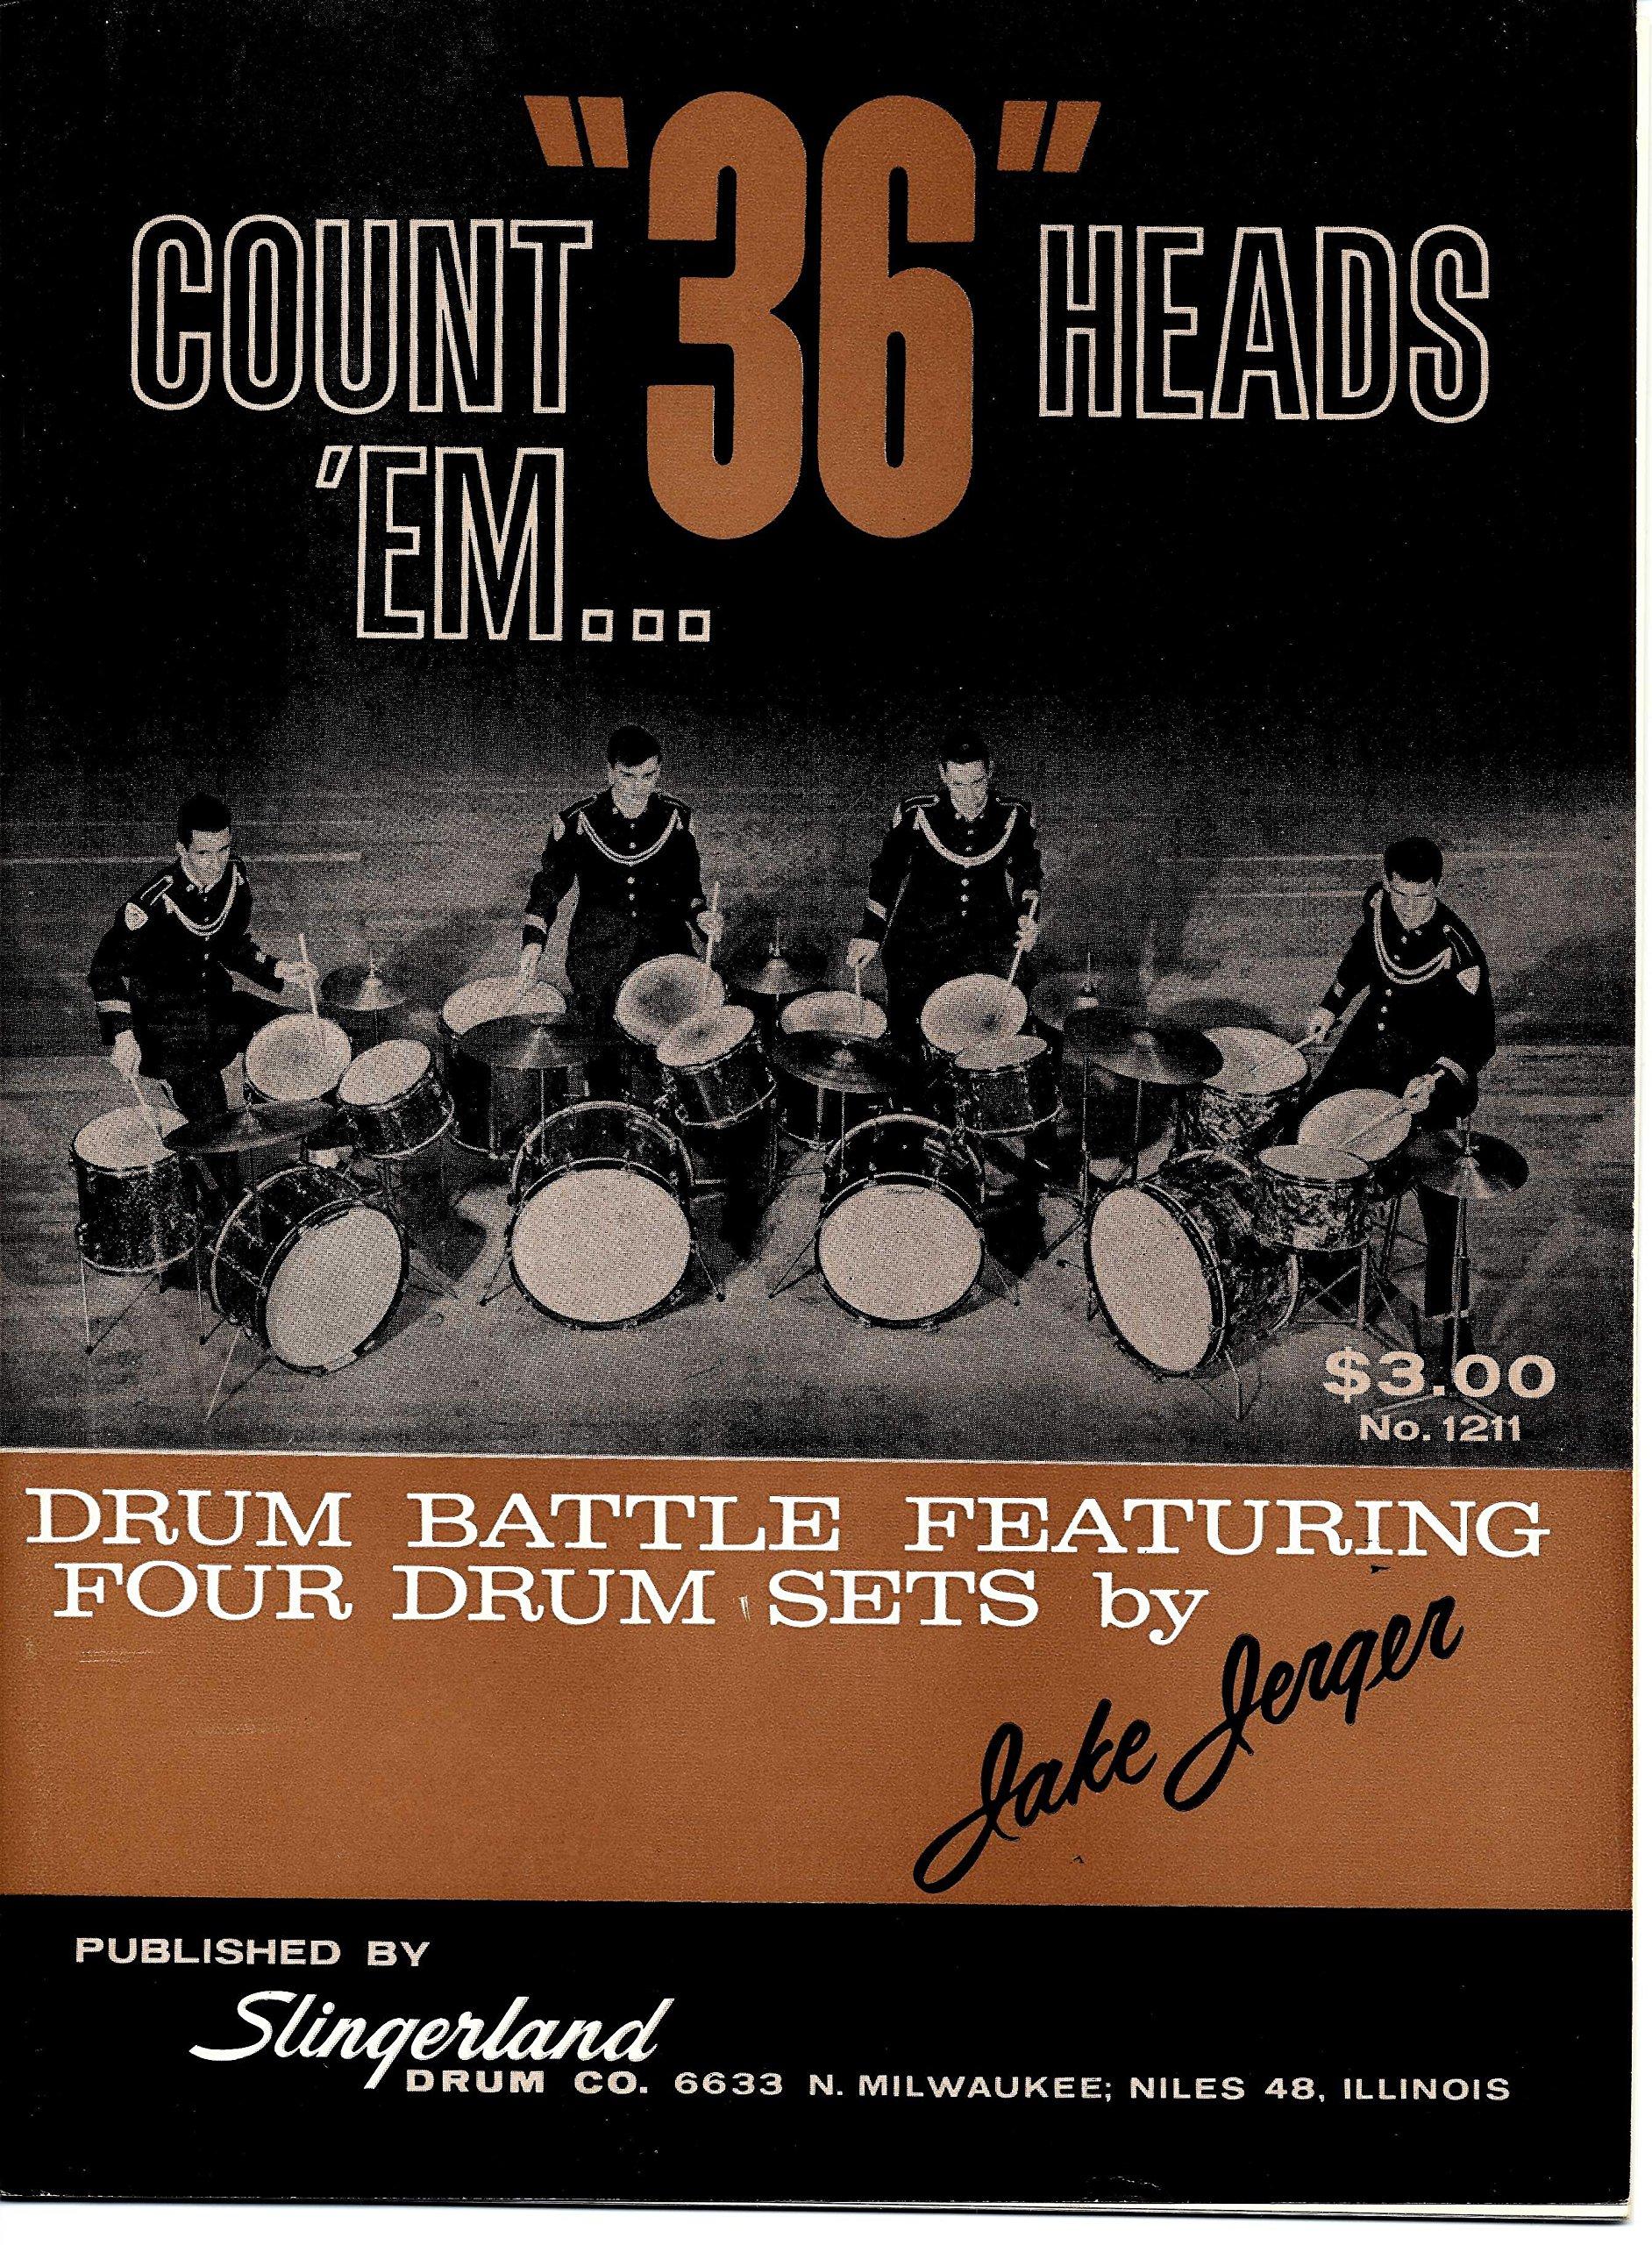 Count em... 36 Heads (drum battle featuring four drum sets)